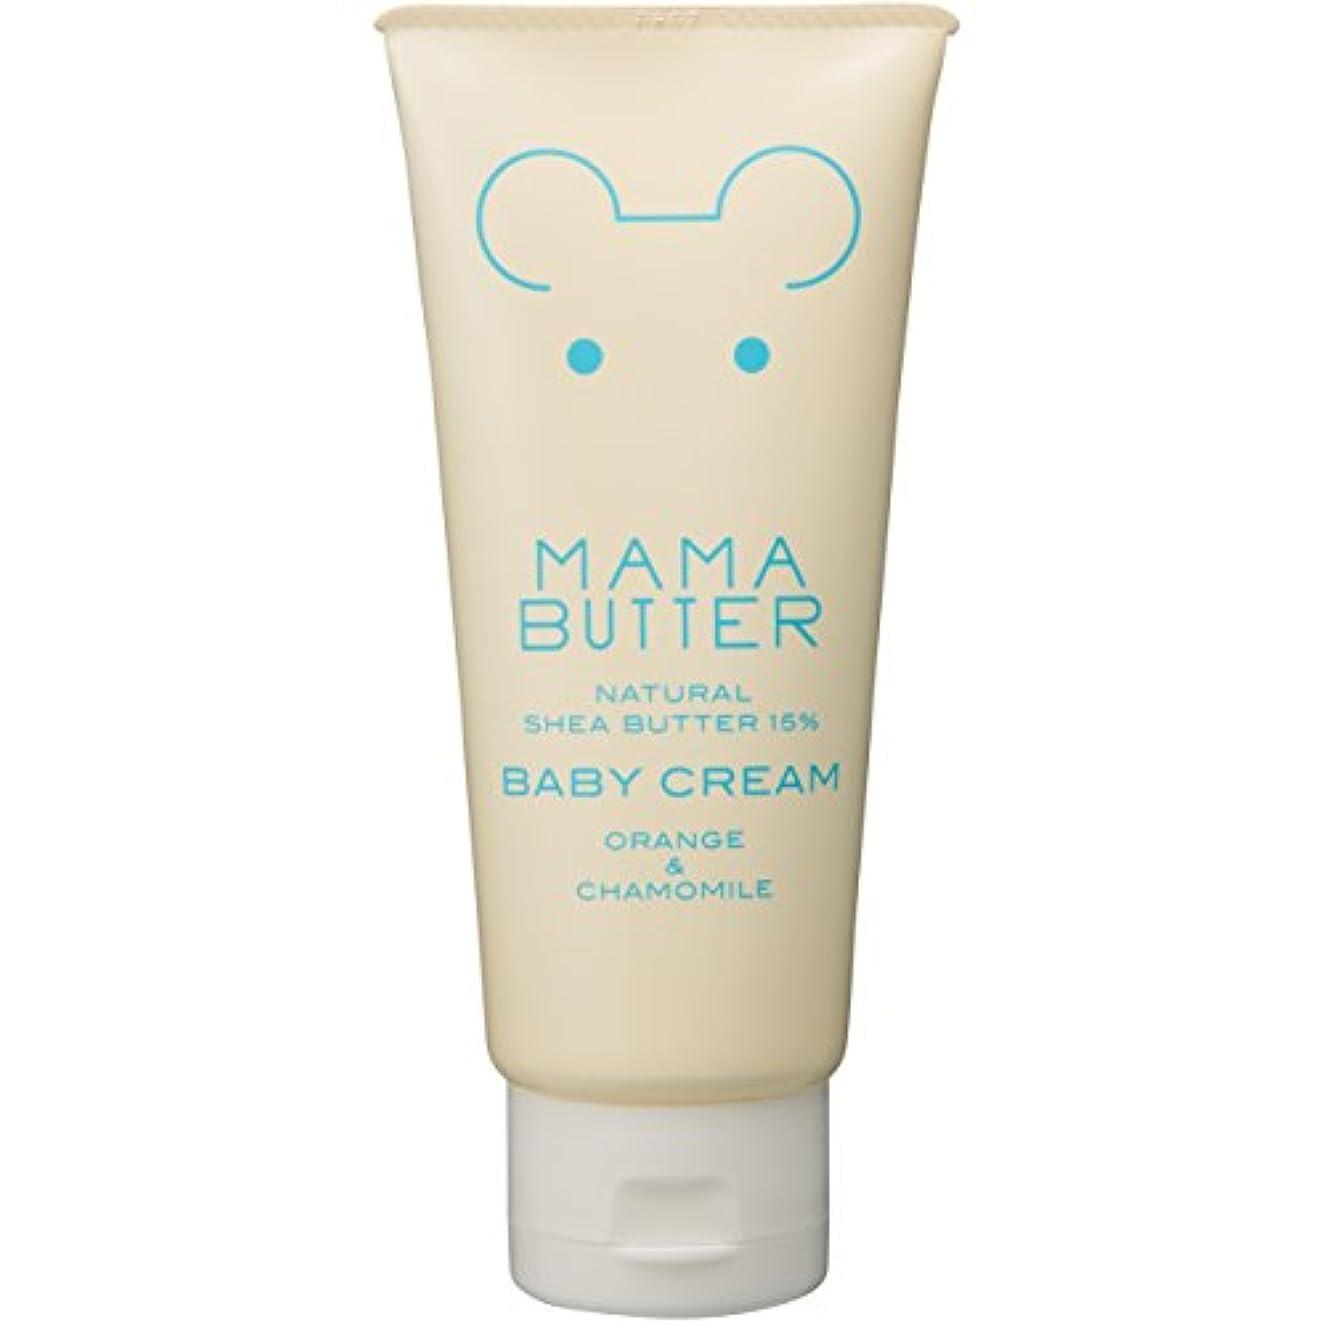 議会規模トランスペアレントママバター ベビークリーム 天然 オレンジ&カモミールの香り 130g